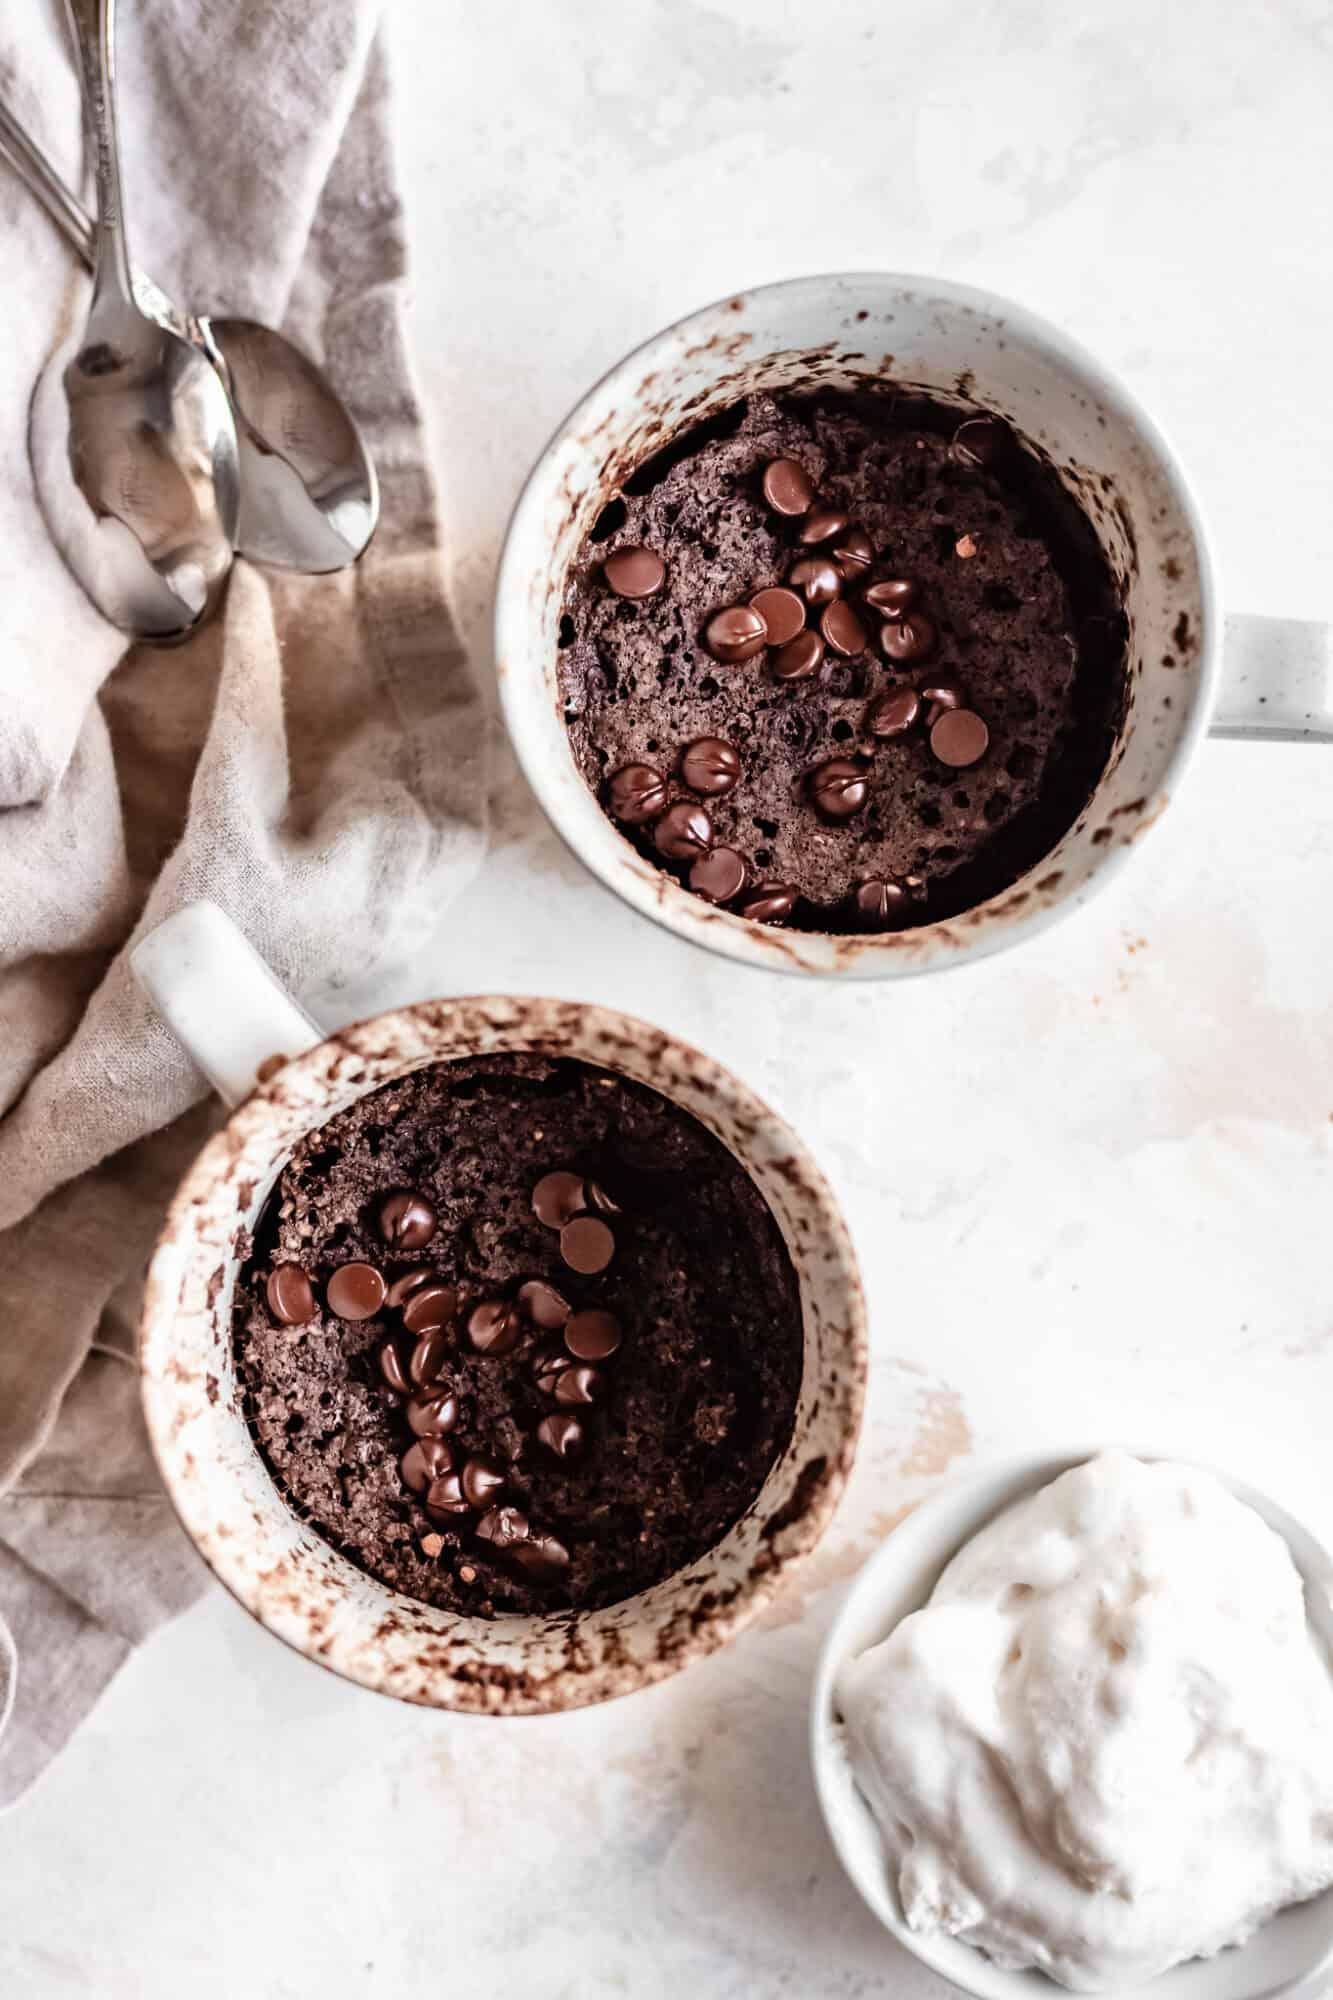 mug cakes baked